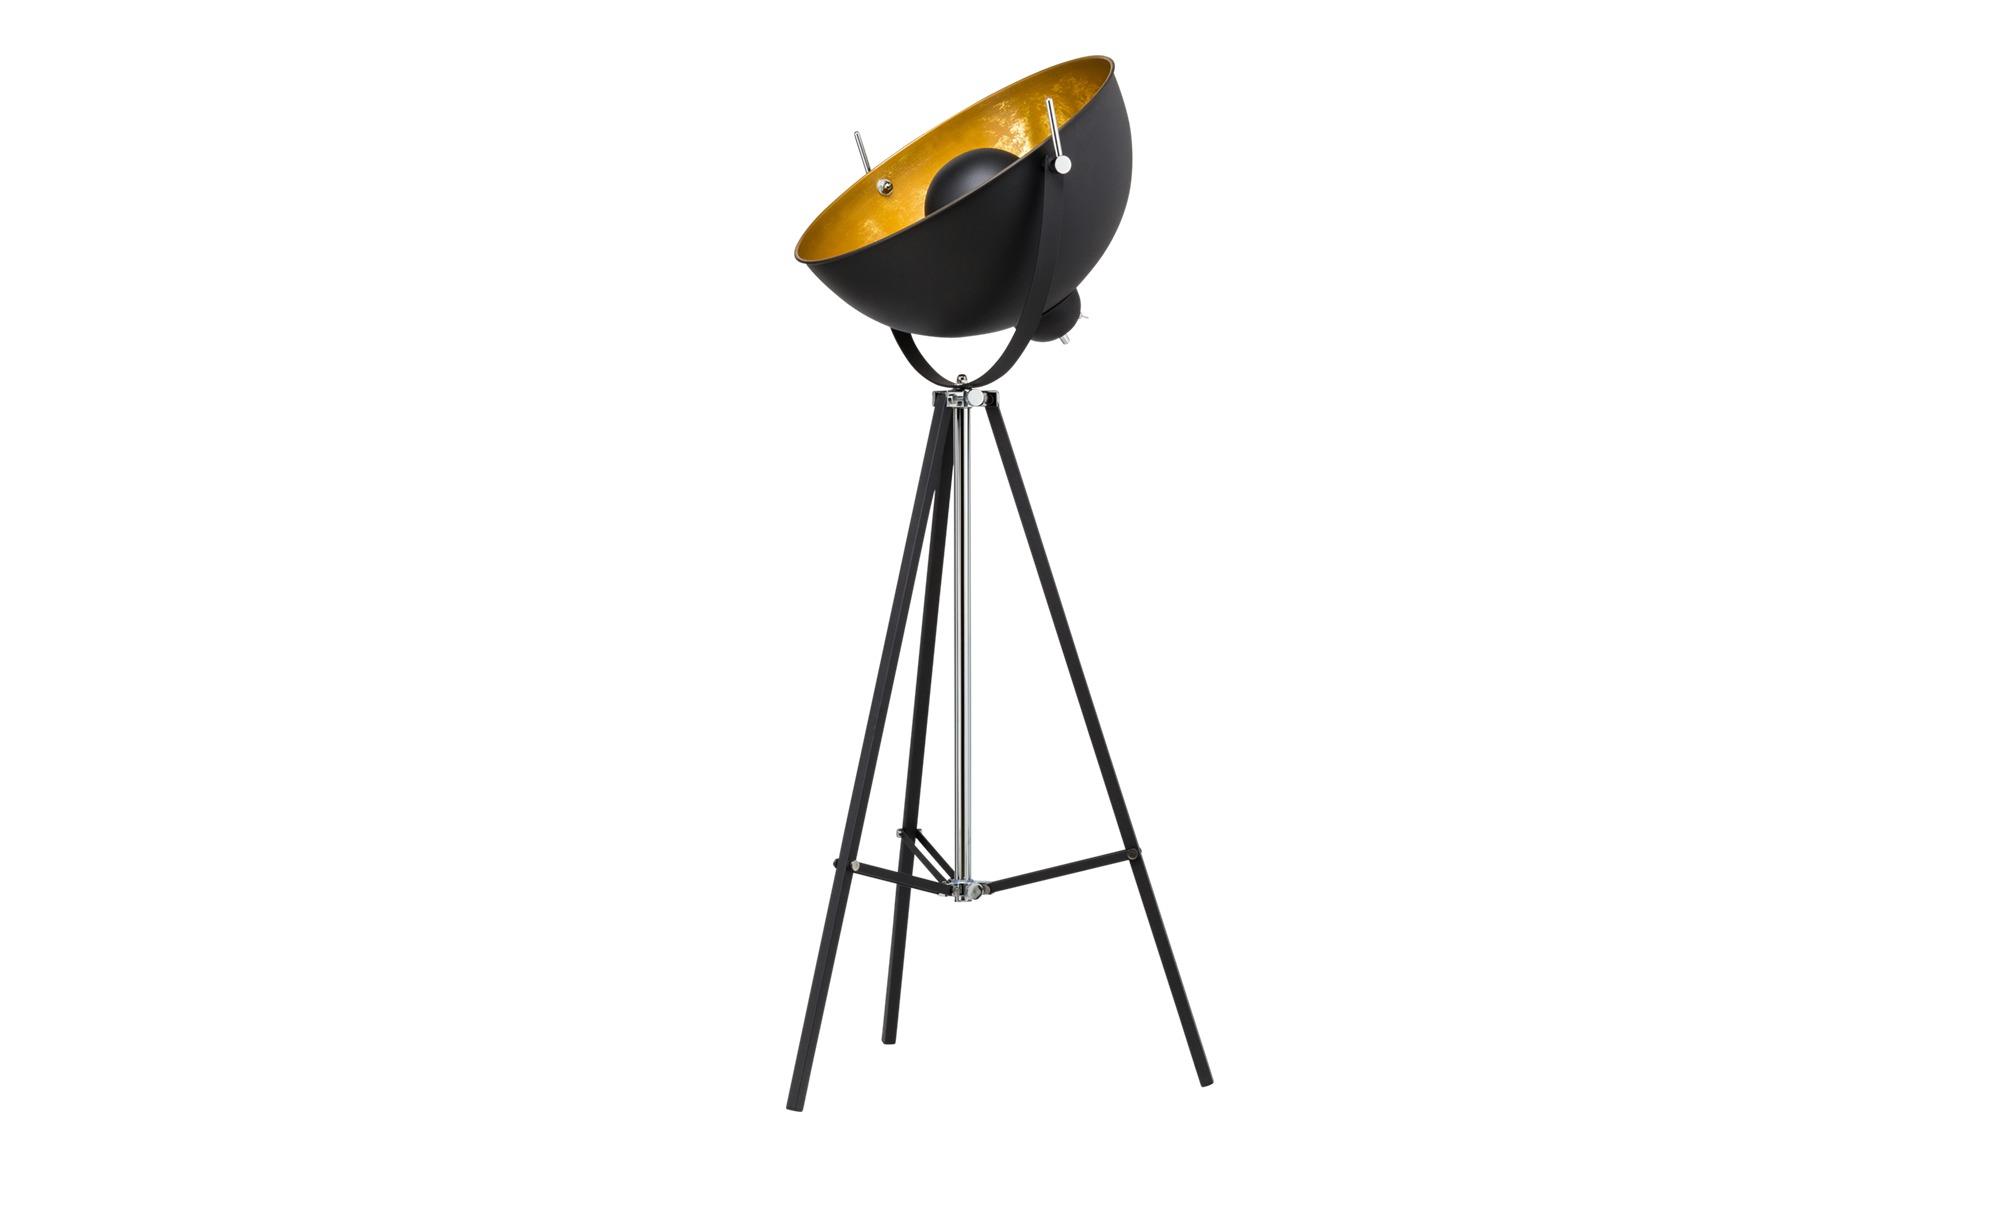 HOME STORY Stehleuchte im Studiolampen-Design, schwarz ¦ schwarz ¦ Maße (cm): B: 60 H: 166 Lampen & Leuchten > Innenleuchten > Stehlampen - Höffner